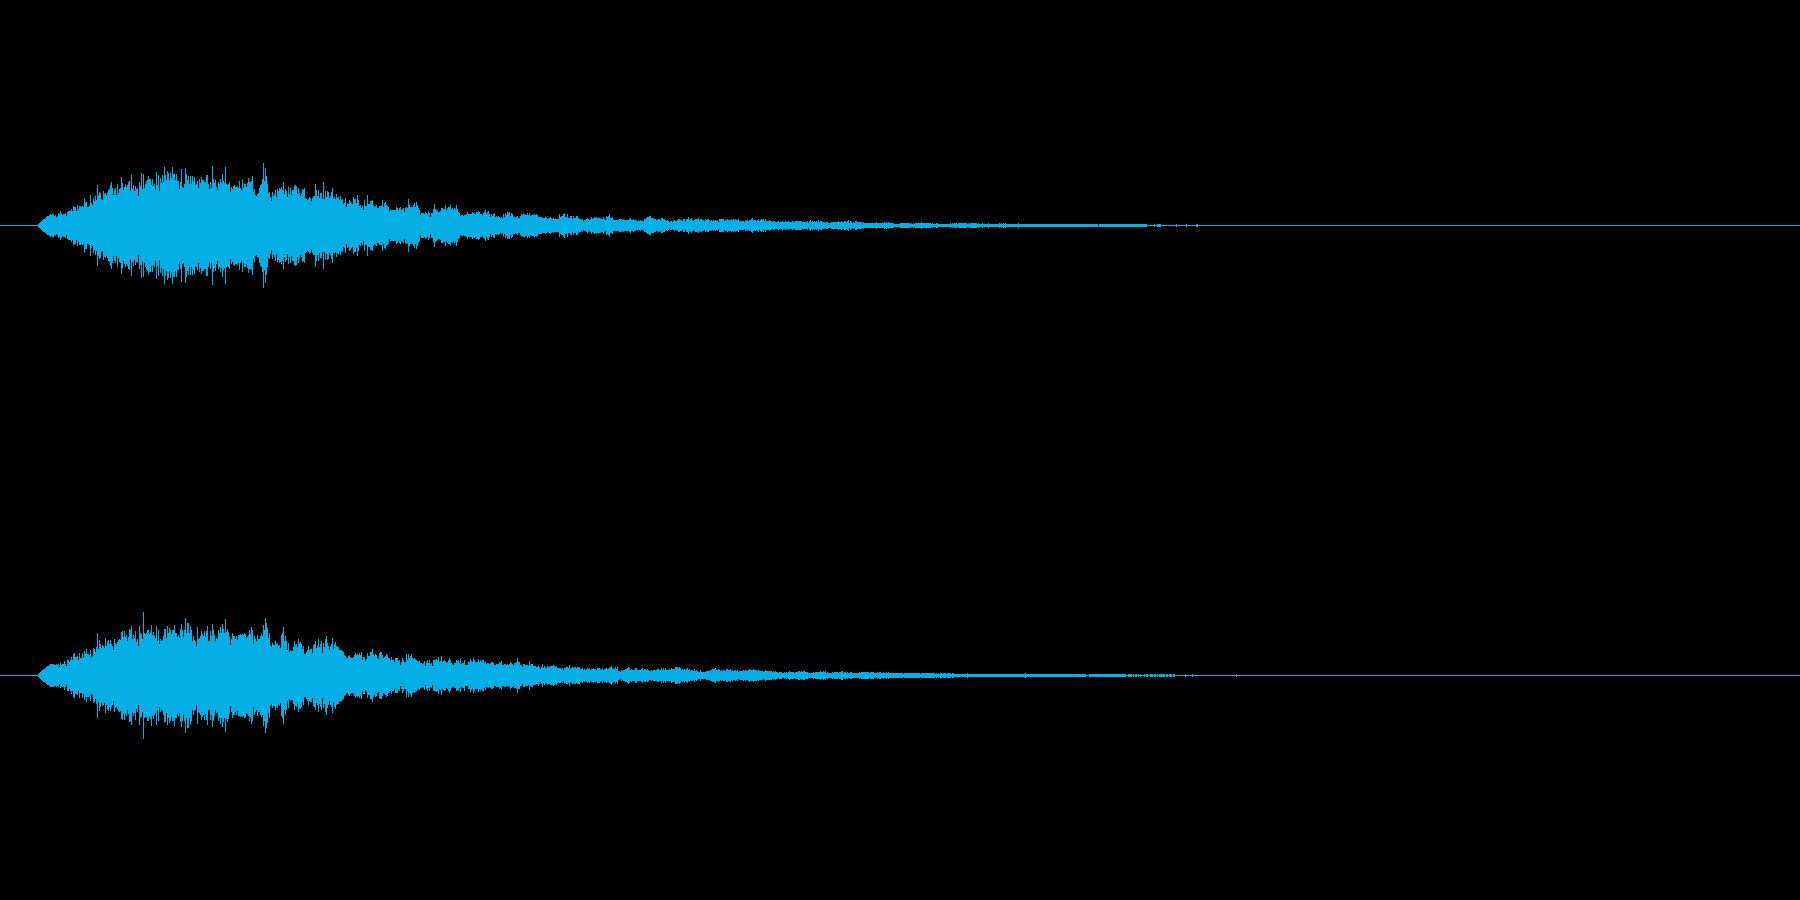 【ショートブリッジ28-1】の再生済みの波形